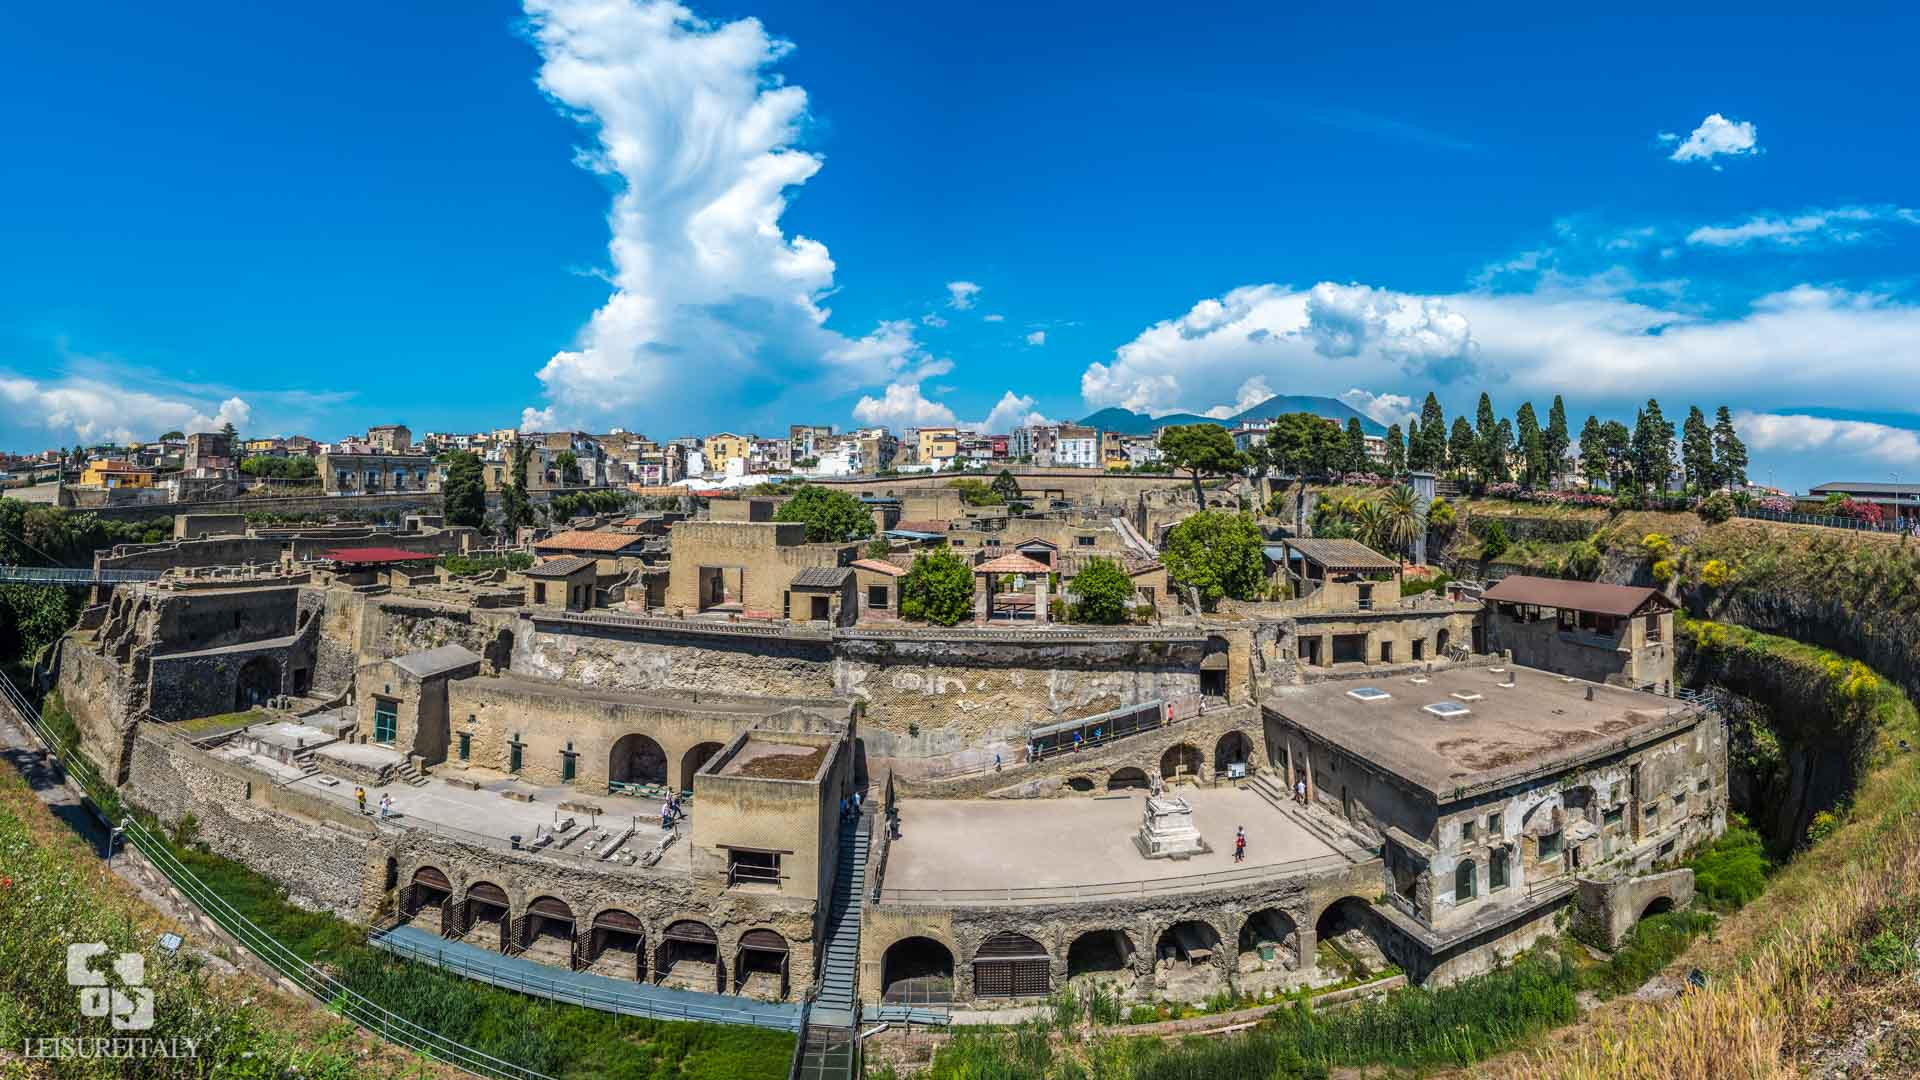 Visir Pompeii - The site of Herculaneum